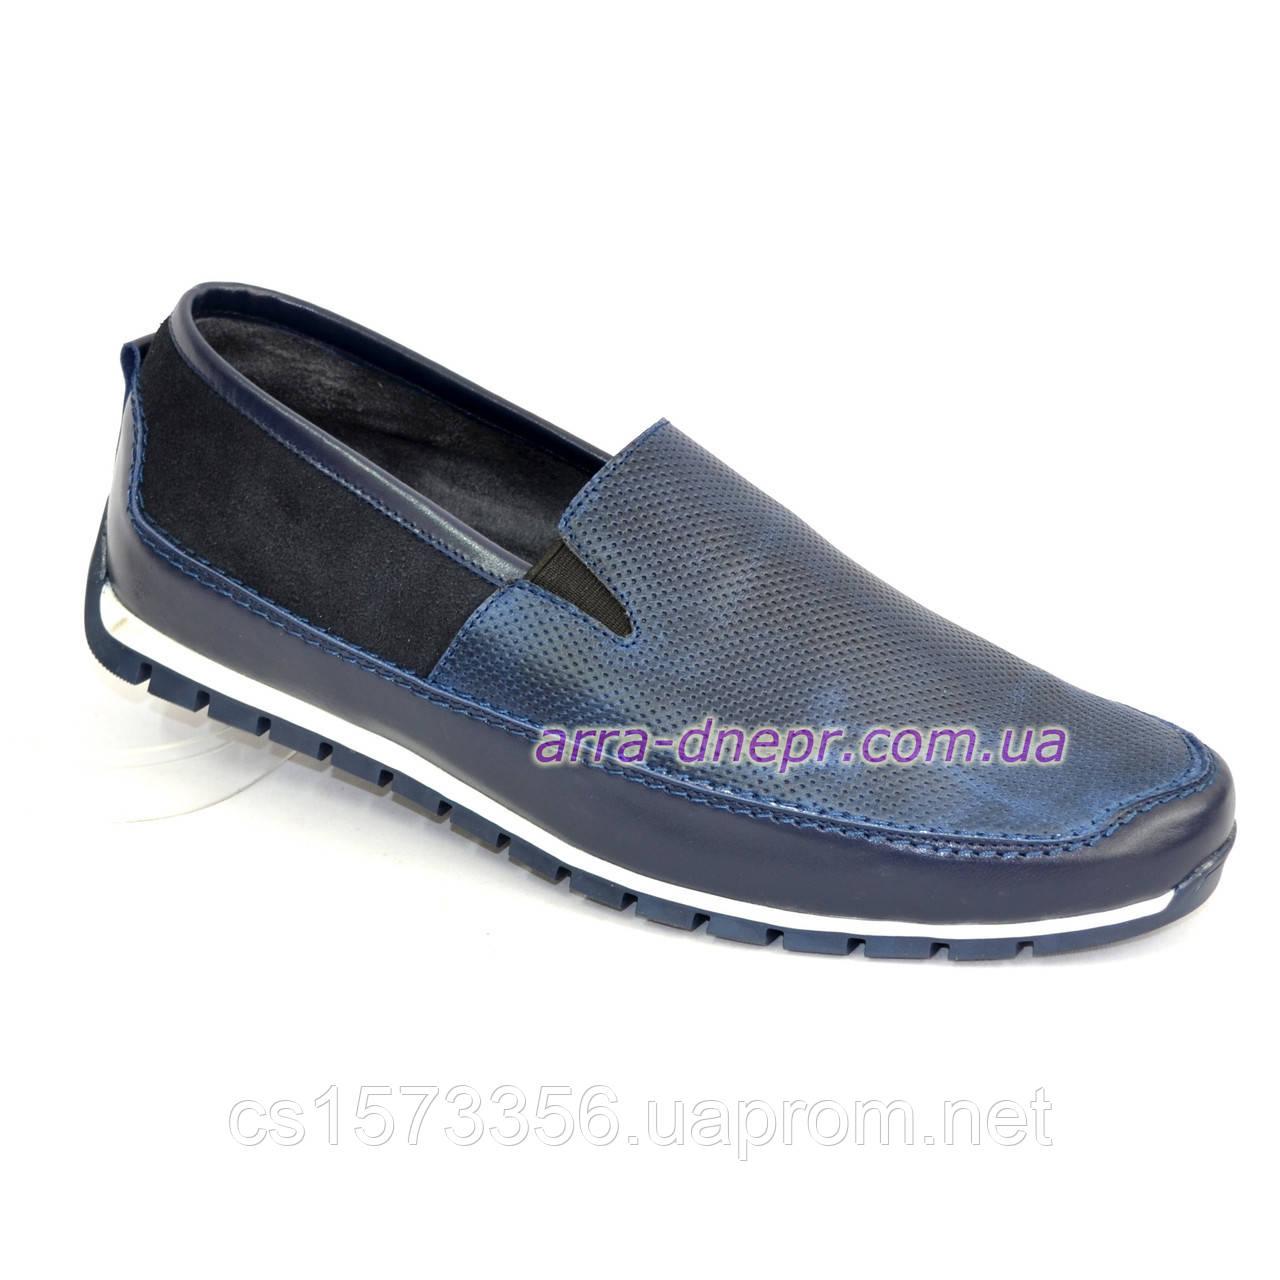 Туфли-мокасины мужские из перфорированной синей кожи